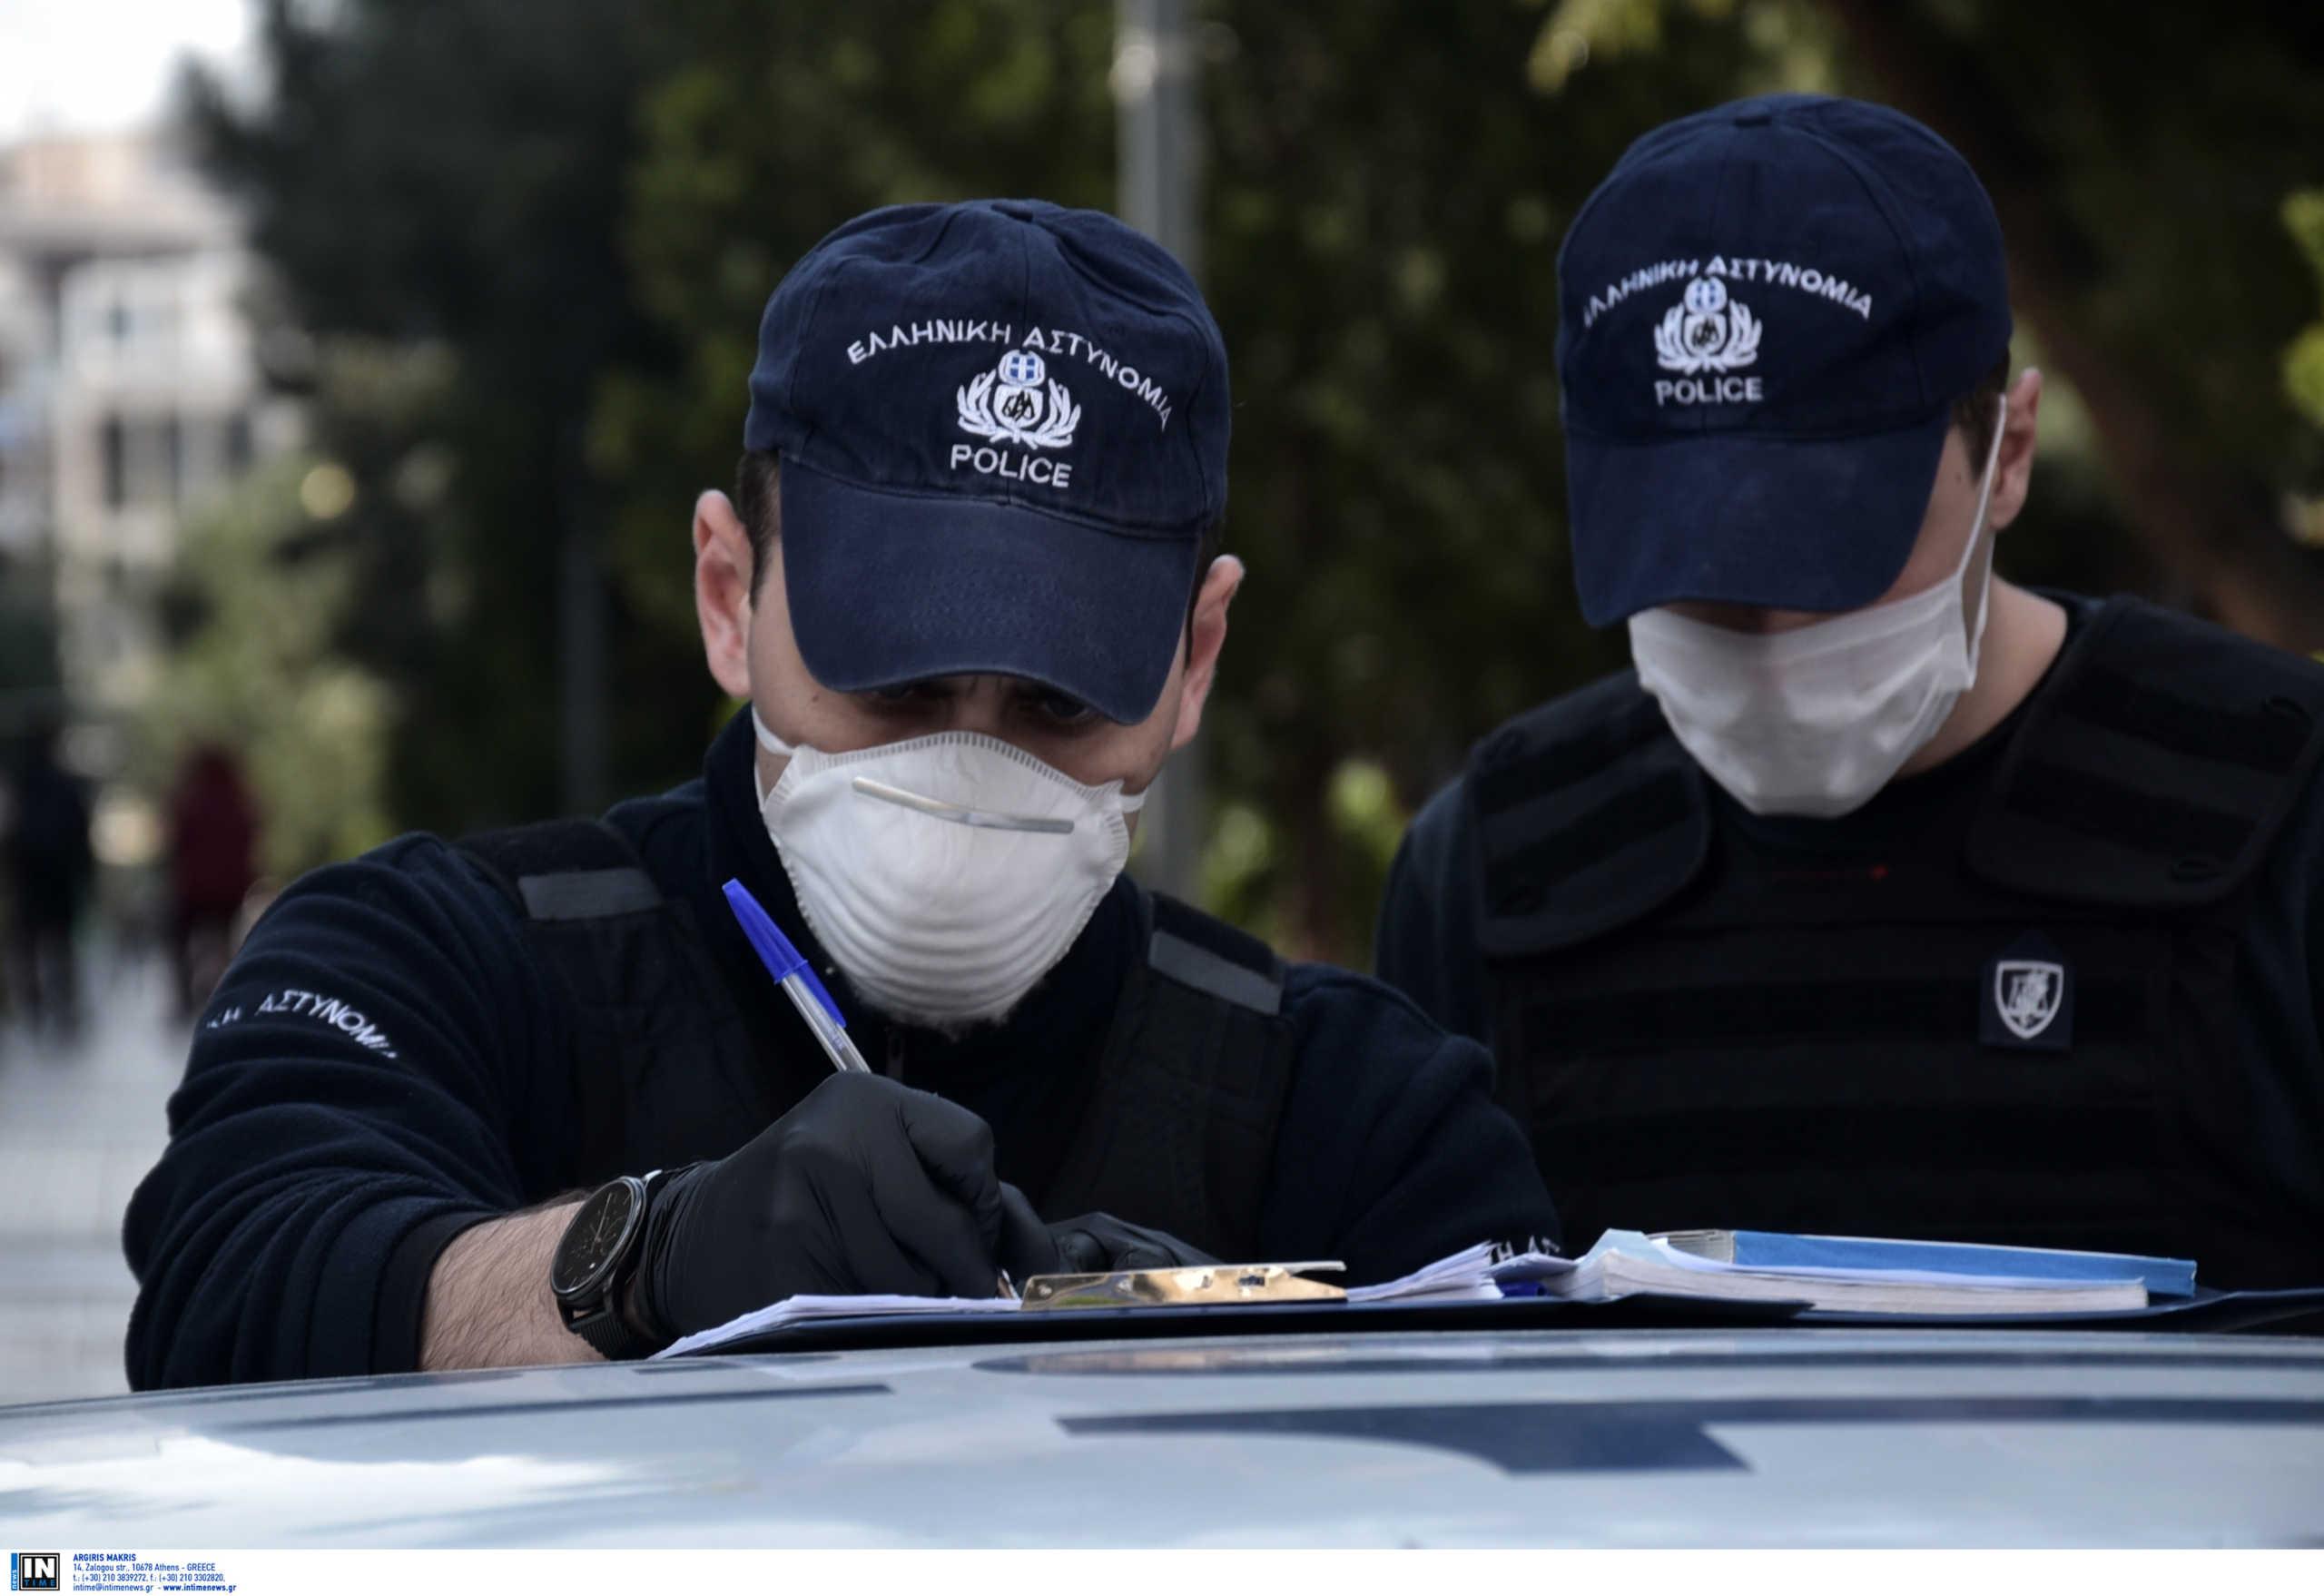 Θεσσαλονίκη – Κορονοϊός: Έβγαλε τη μάσκα και έφτυσε τους αστυνομικούς που τον σταμάτησαν για έλεγχο